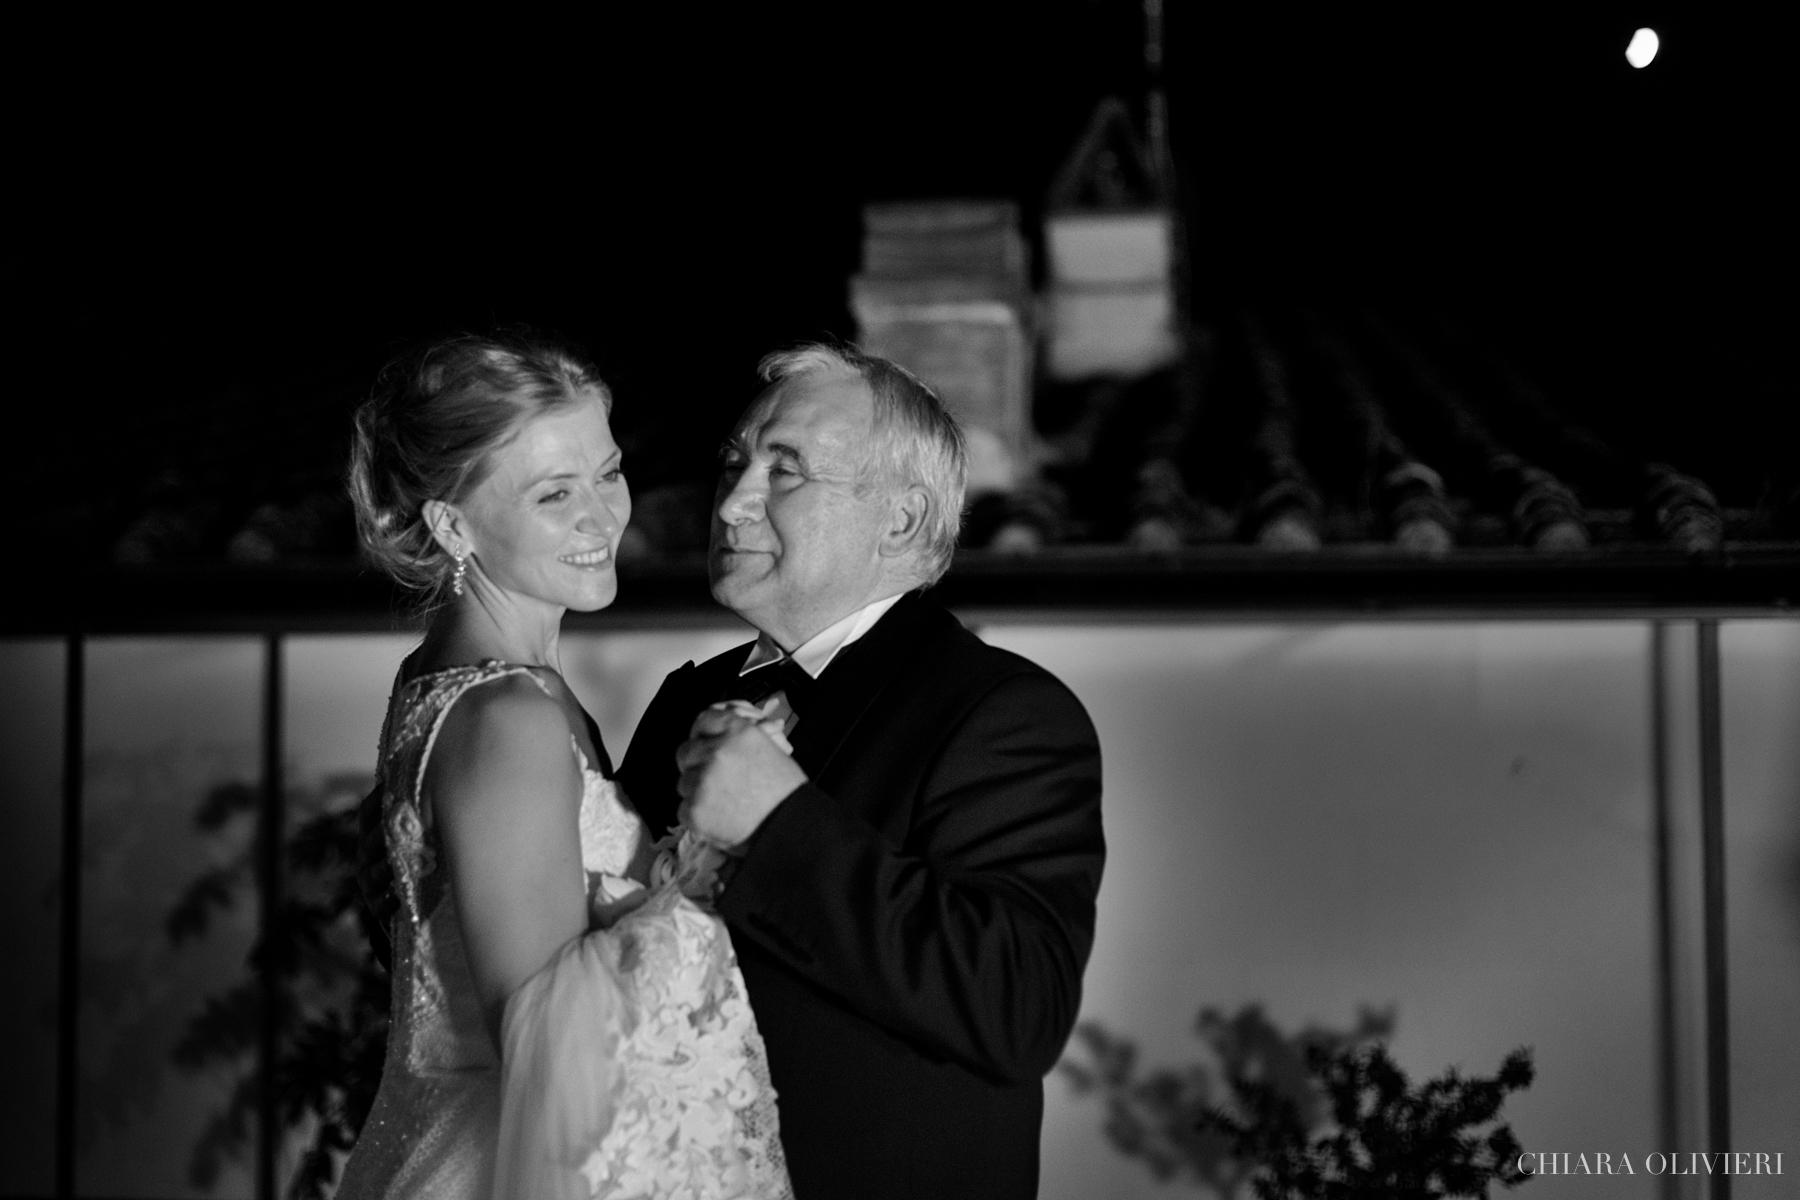 matrimonio-toscana-torredeilari-firenze-45